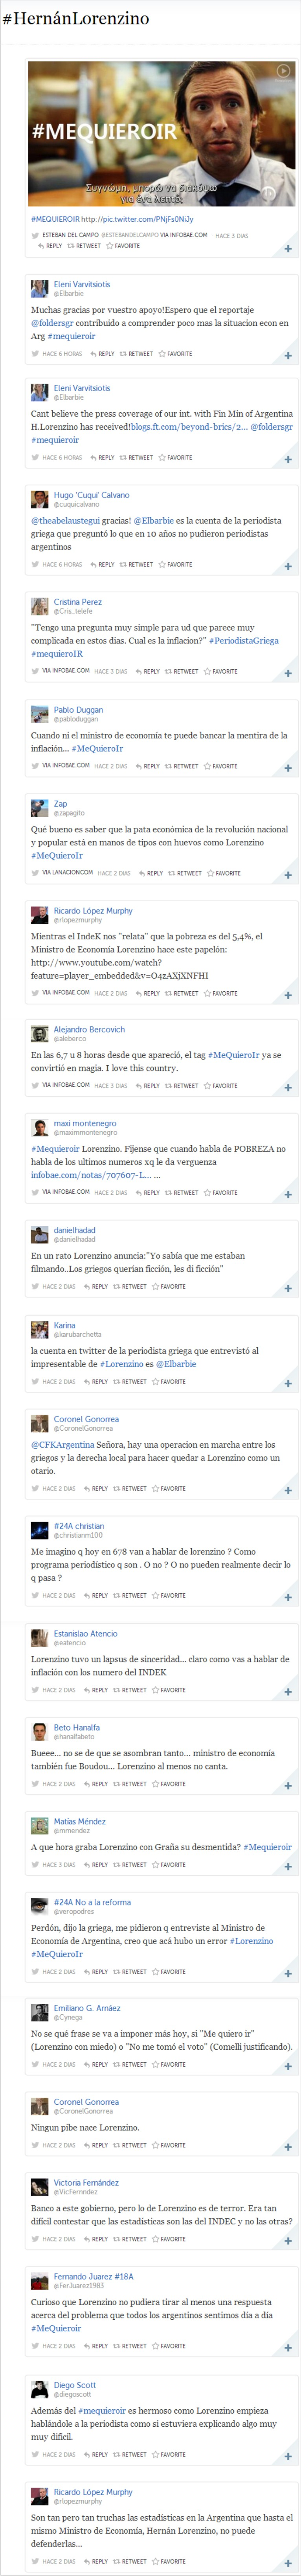 Lorenzino Storify